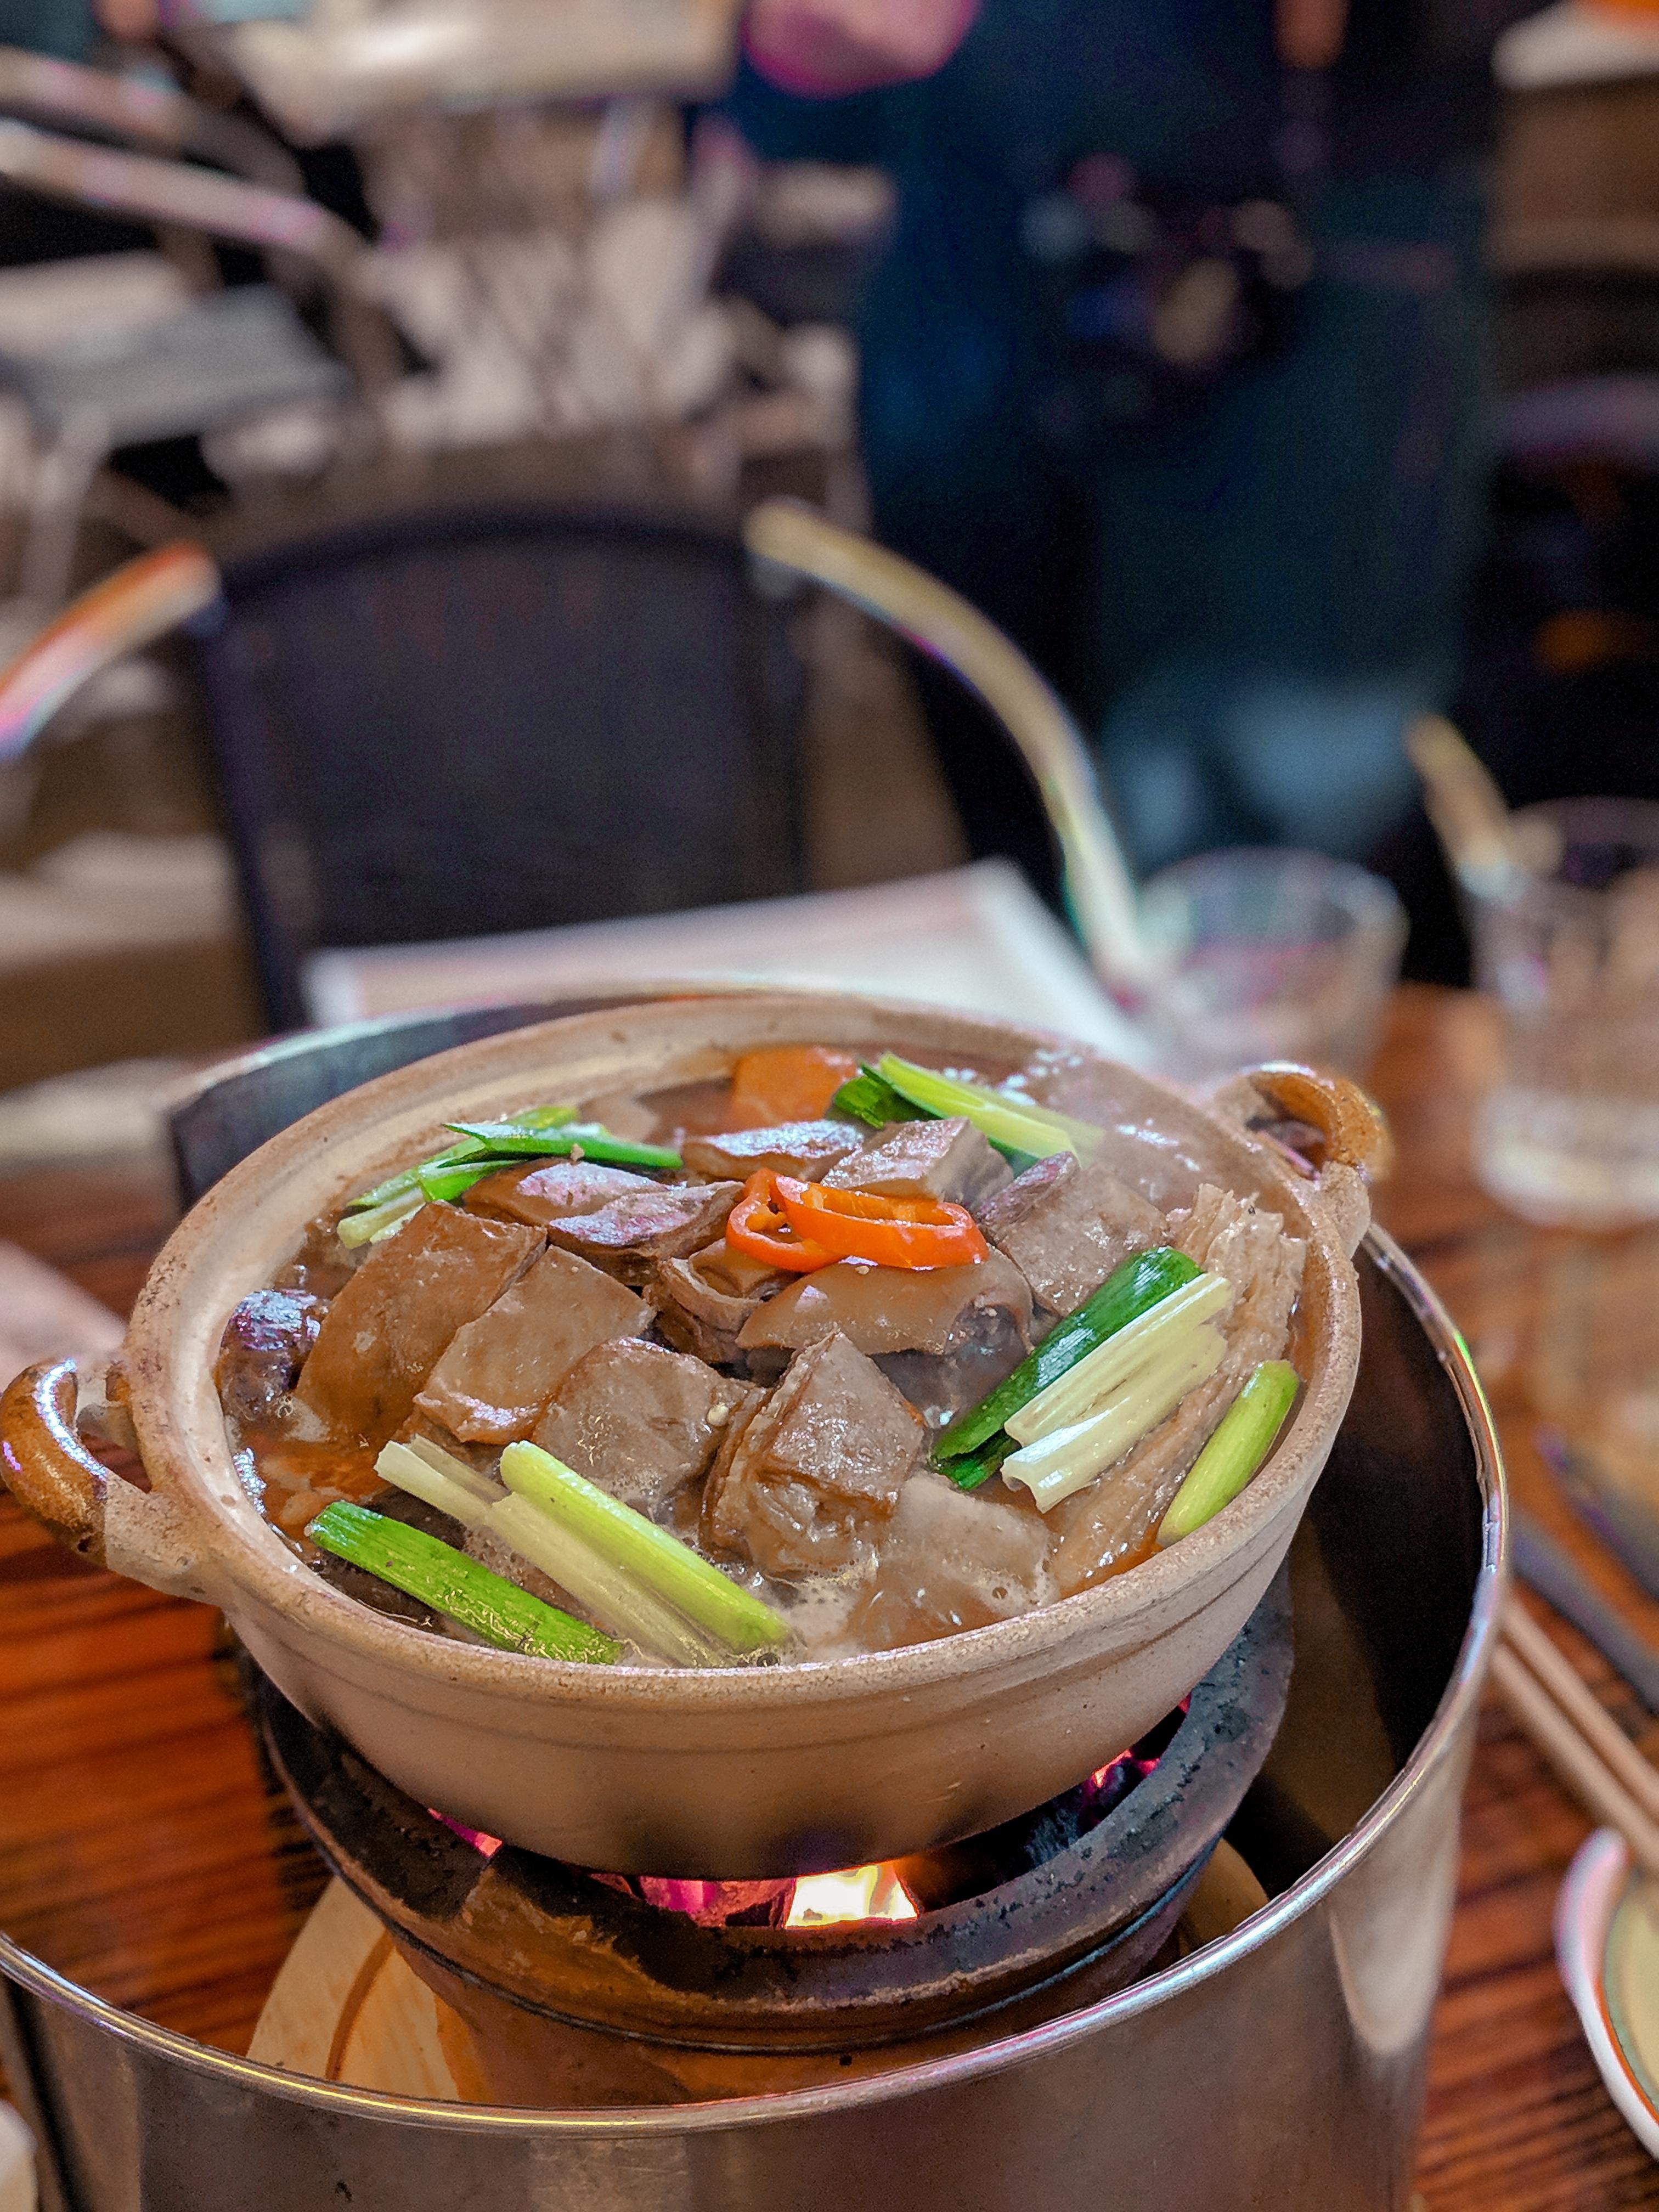 5.Lei Ka Choi Hot Pot at Broadway Macao's Hot Pot sensation